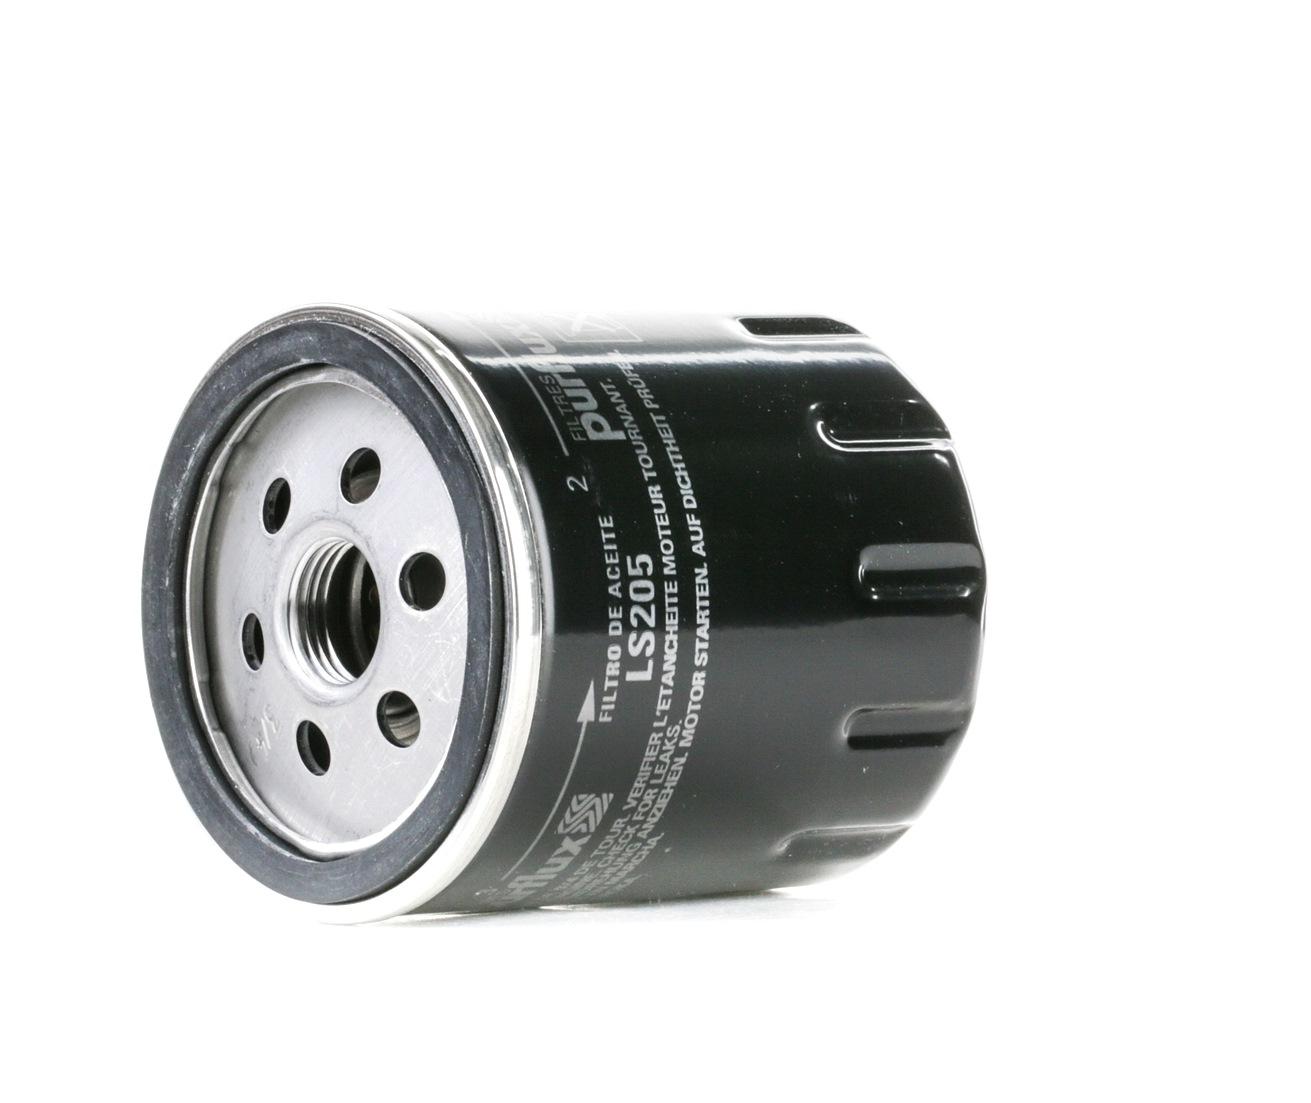 Pieces d'origine: Filtre à huile PURFLUX LS205 (Ø: 76mm, Hauteur: 85mm) - Achetez tout de suite!